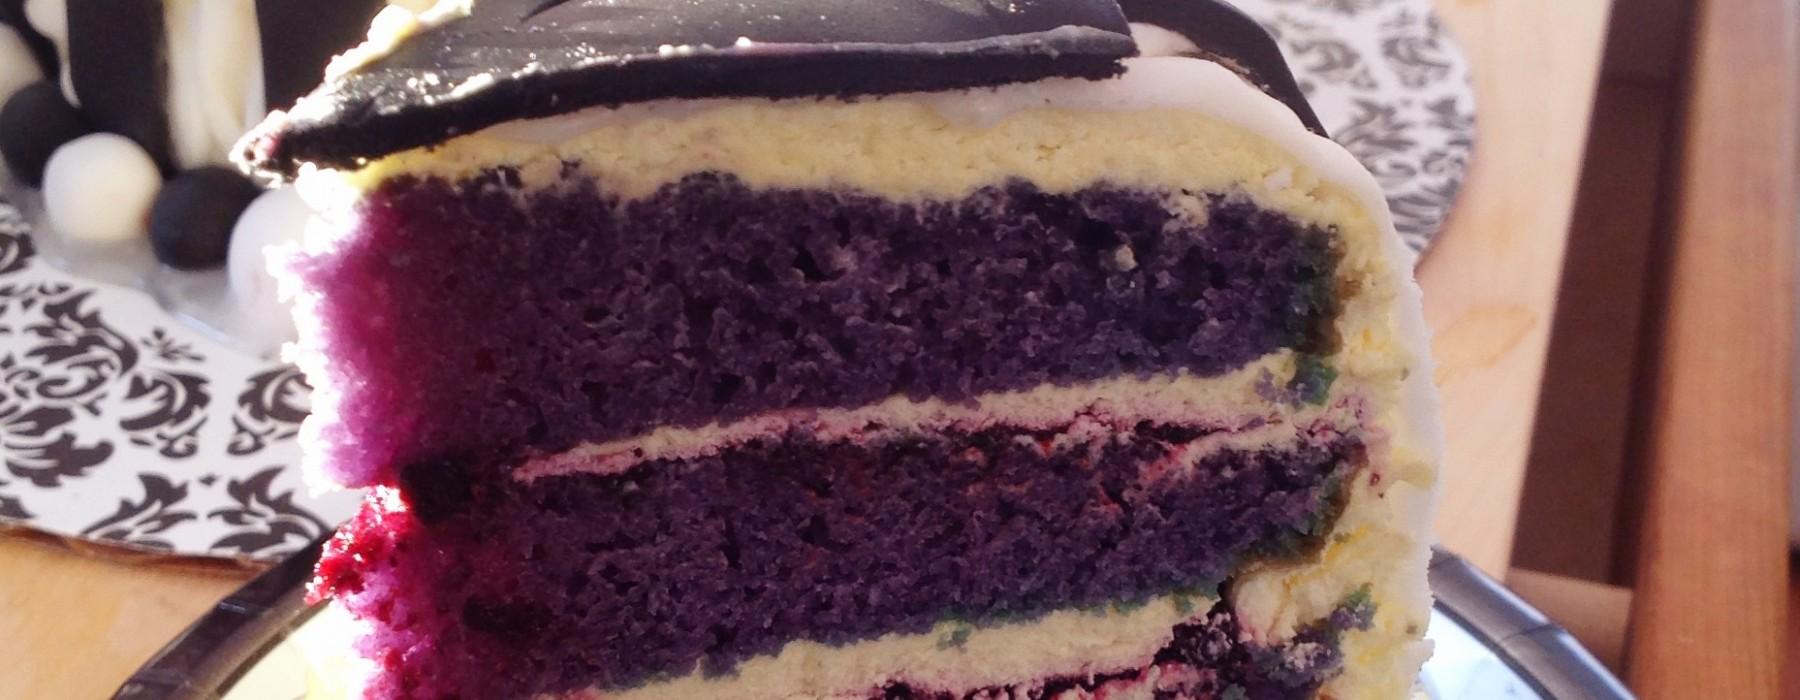 Mustikka-vaniljakerroskakku ja syntymäpäivän viettoa